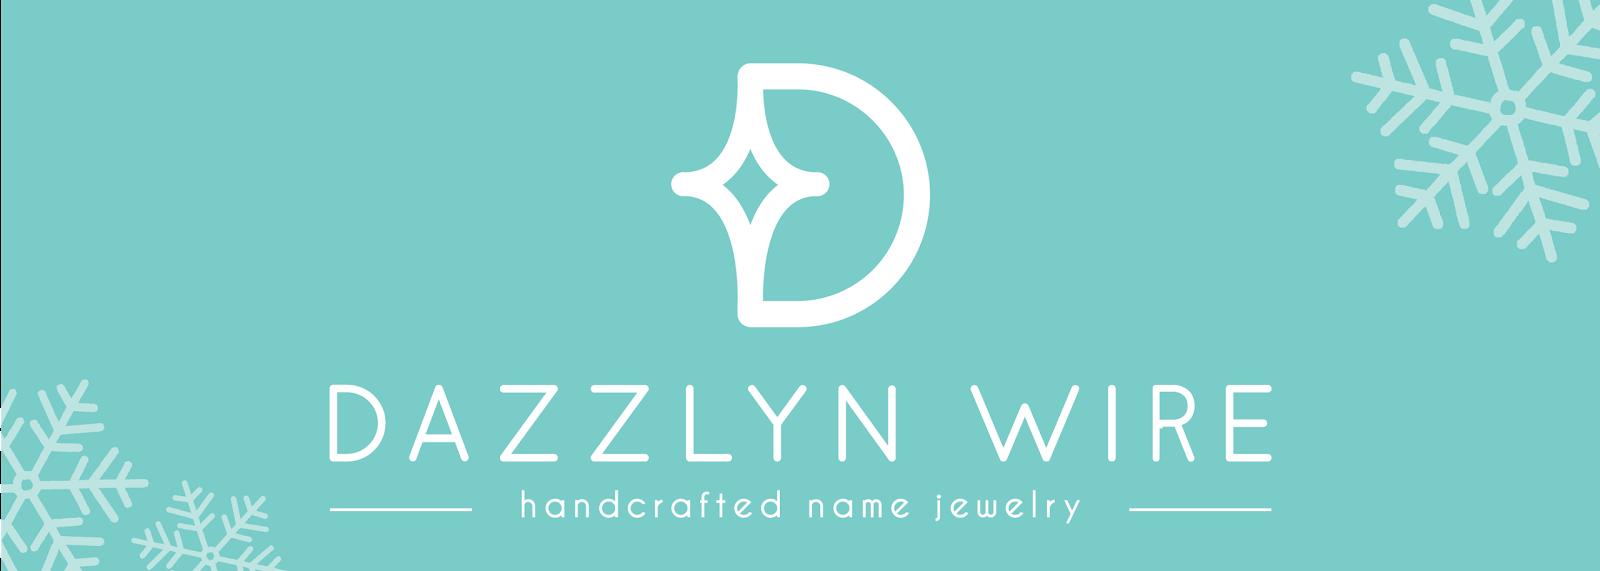 Dazzlyn Wire